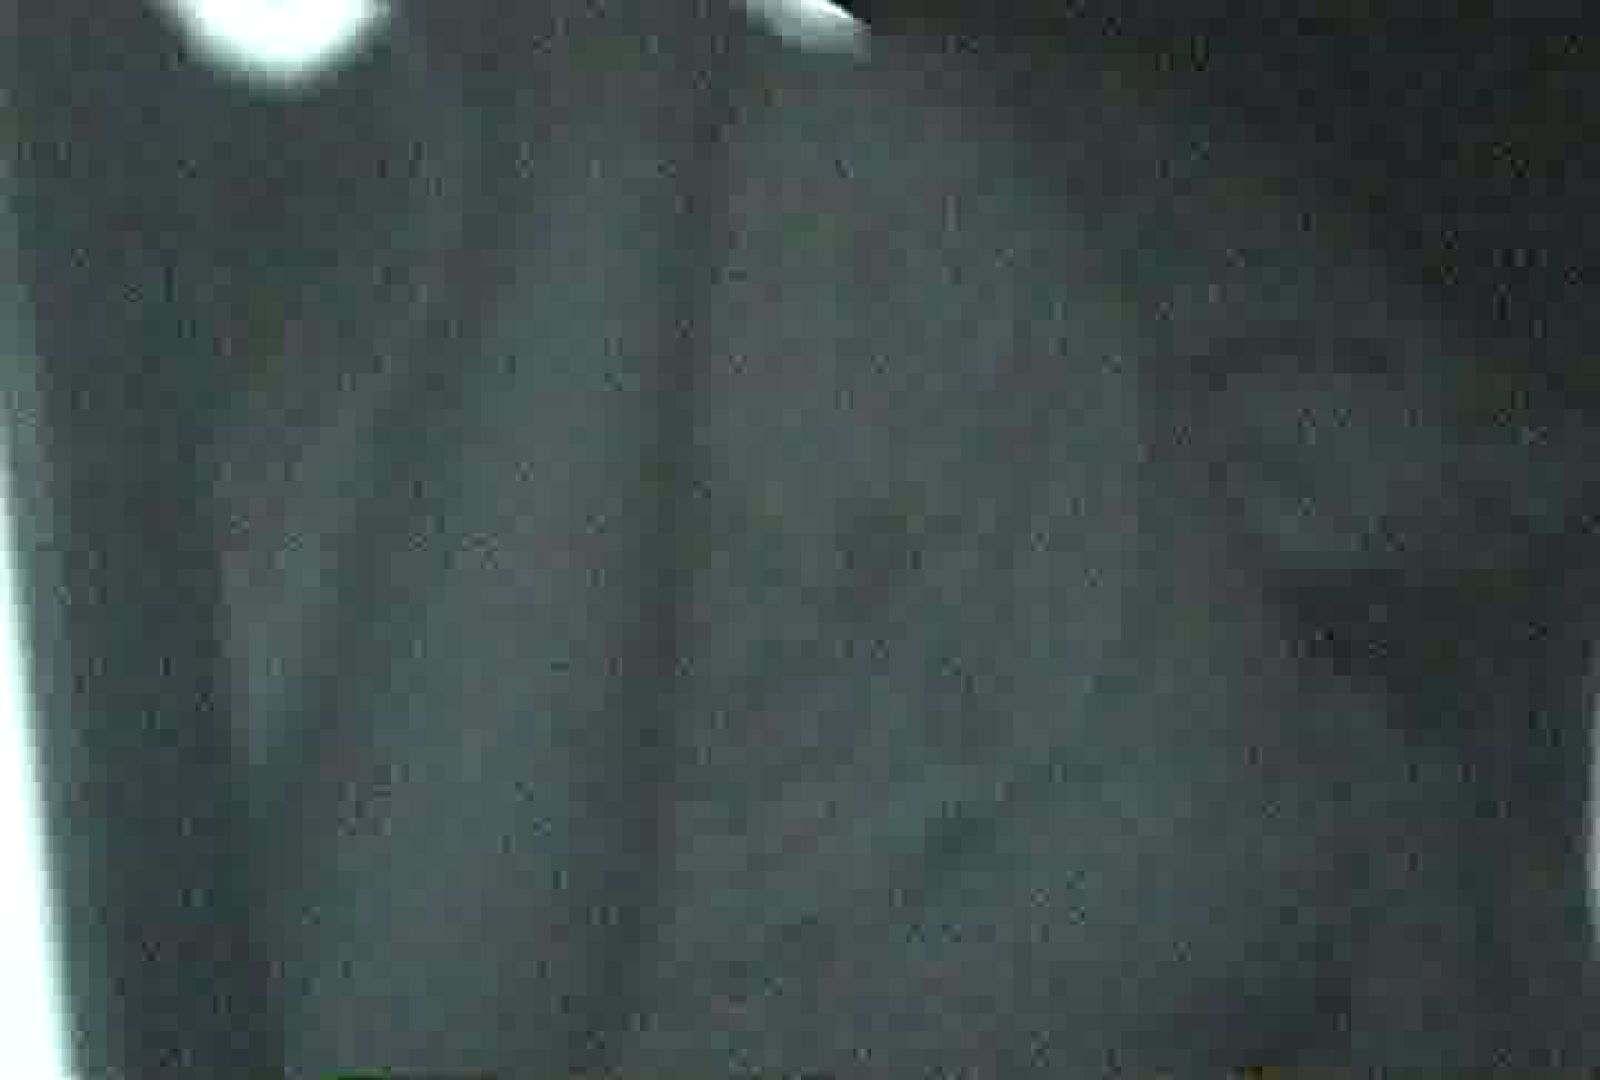 充血監督の深夜の運動会Vol.48 アナル無修正 すけべAV動画紹介 95pic 11